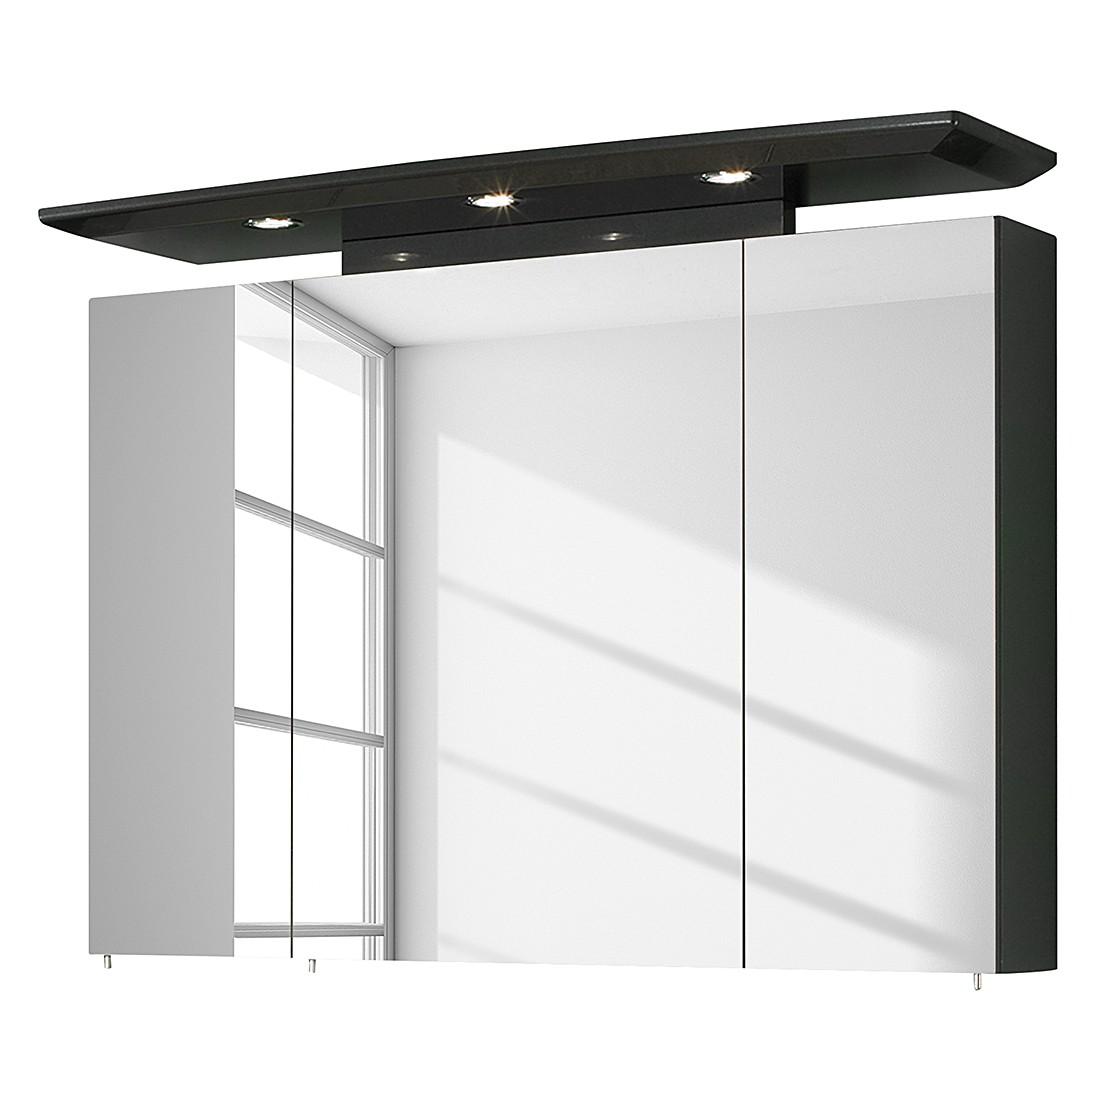 spiegelschr nke 100 cm preisvergleich die besten. Black Bedroom Furniture Sets. Home Design Ideas